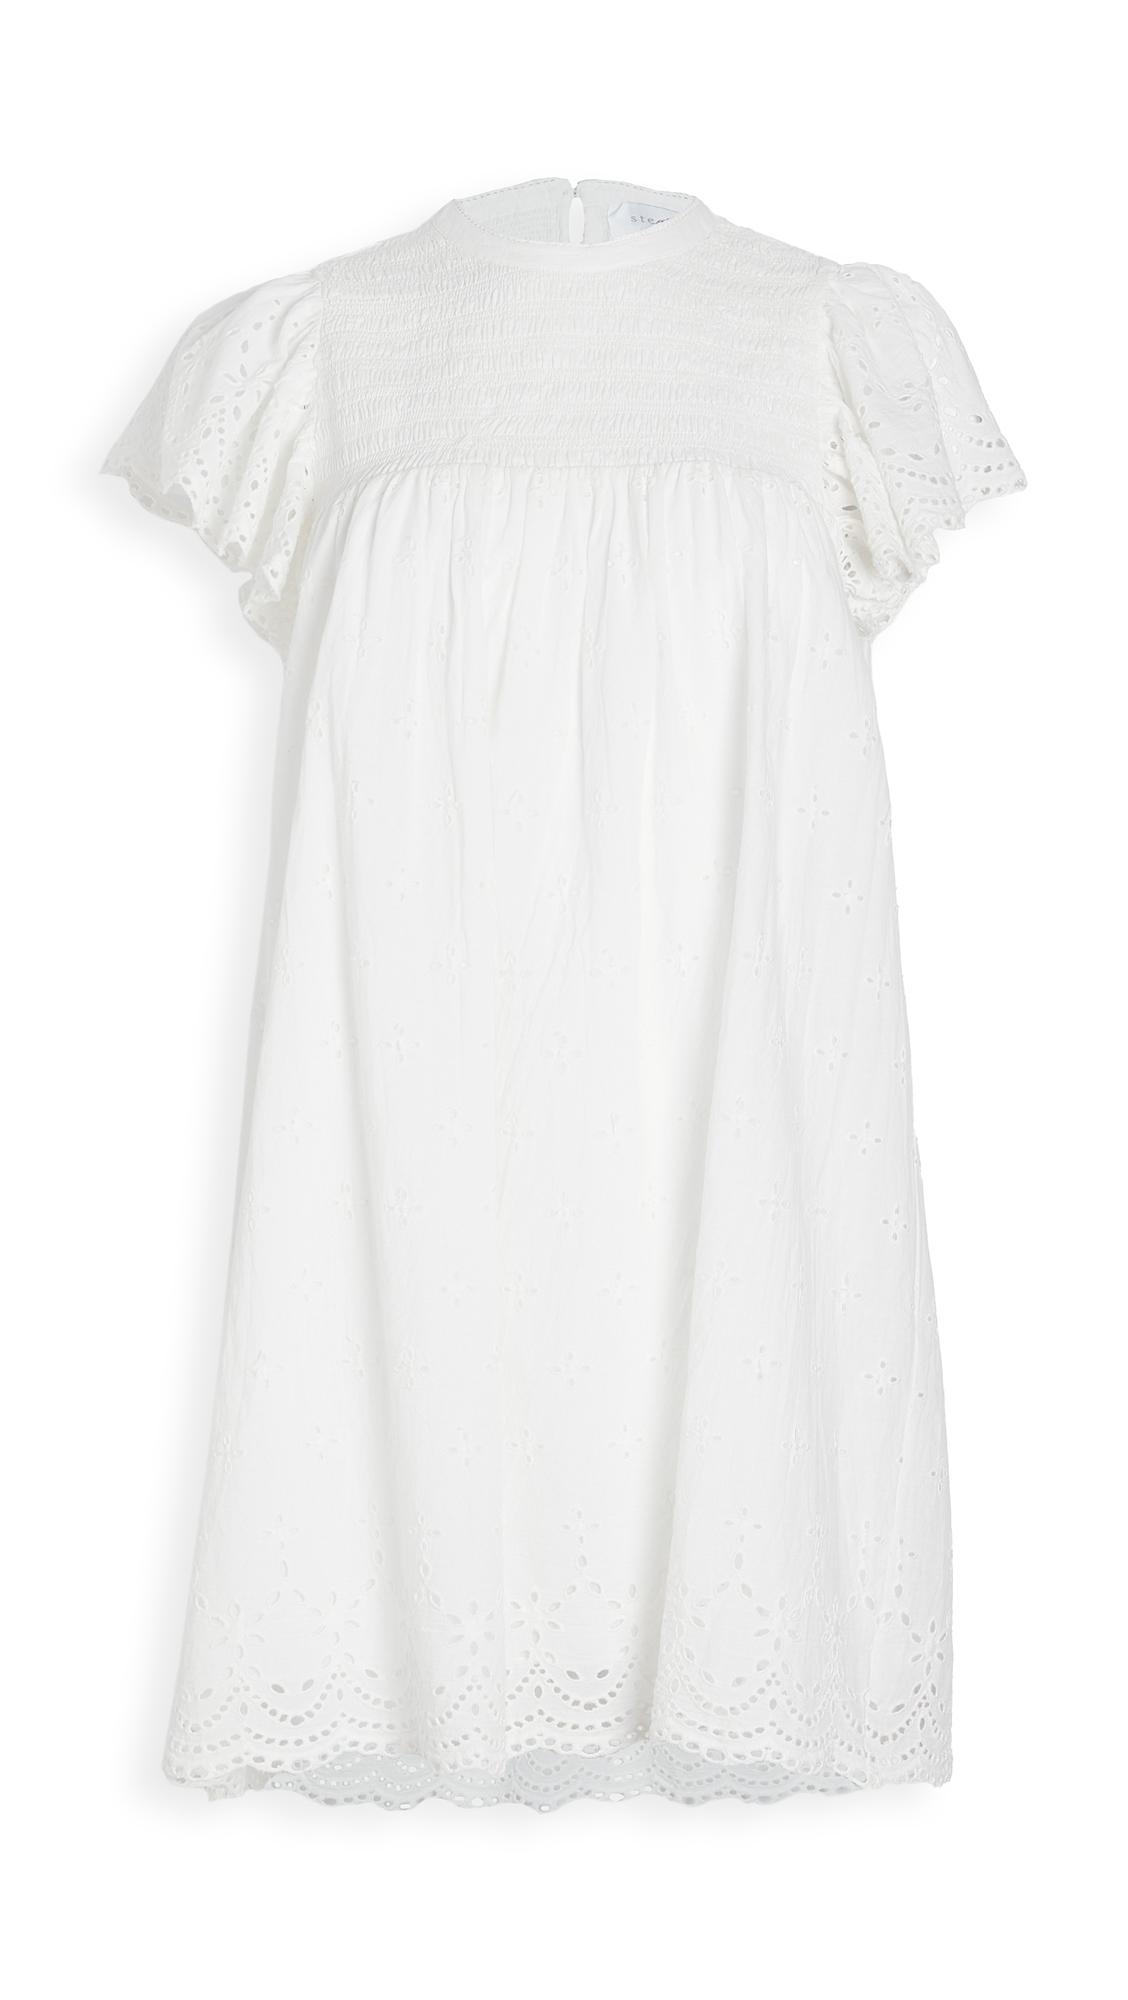 Steele Nancy Dress - 30% Off Sale